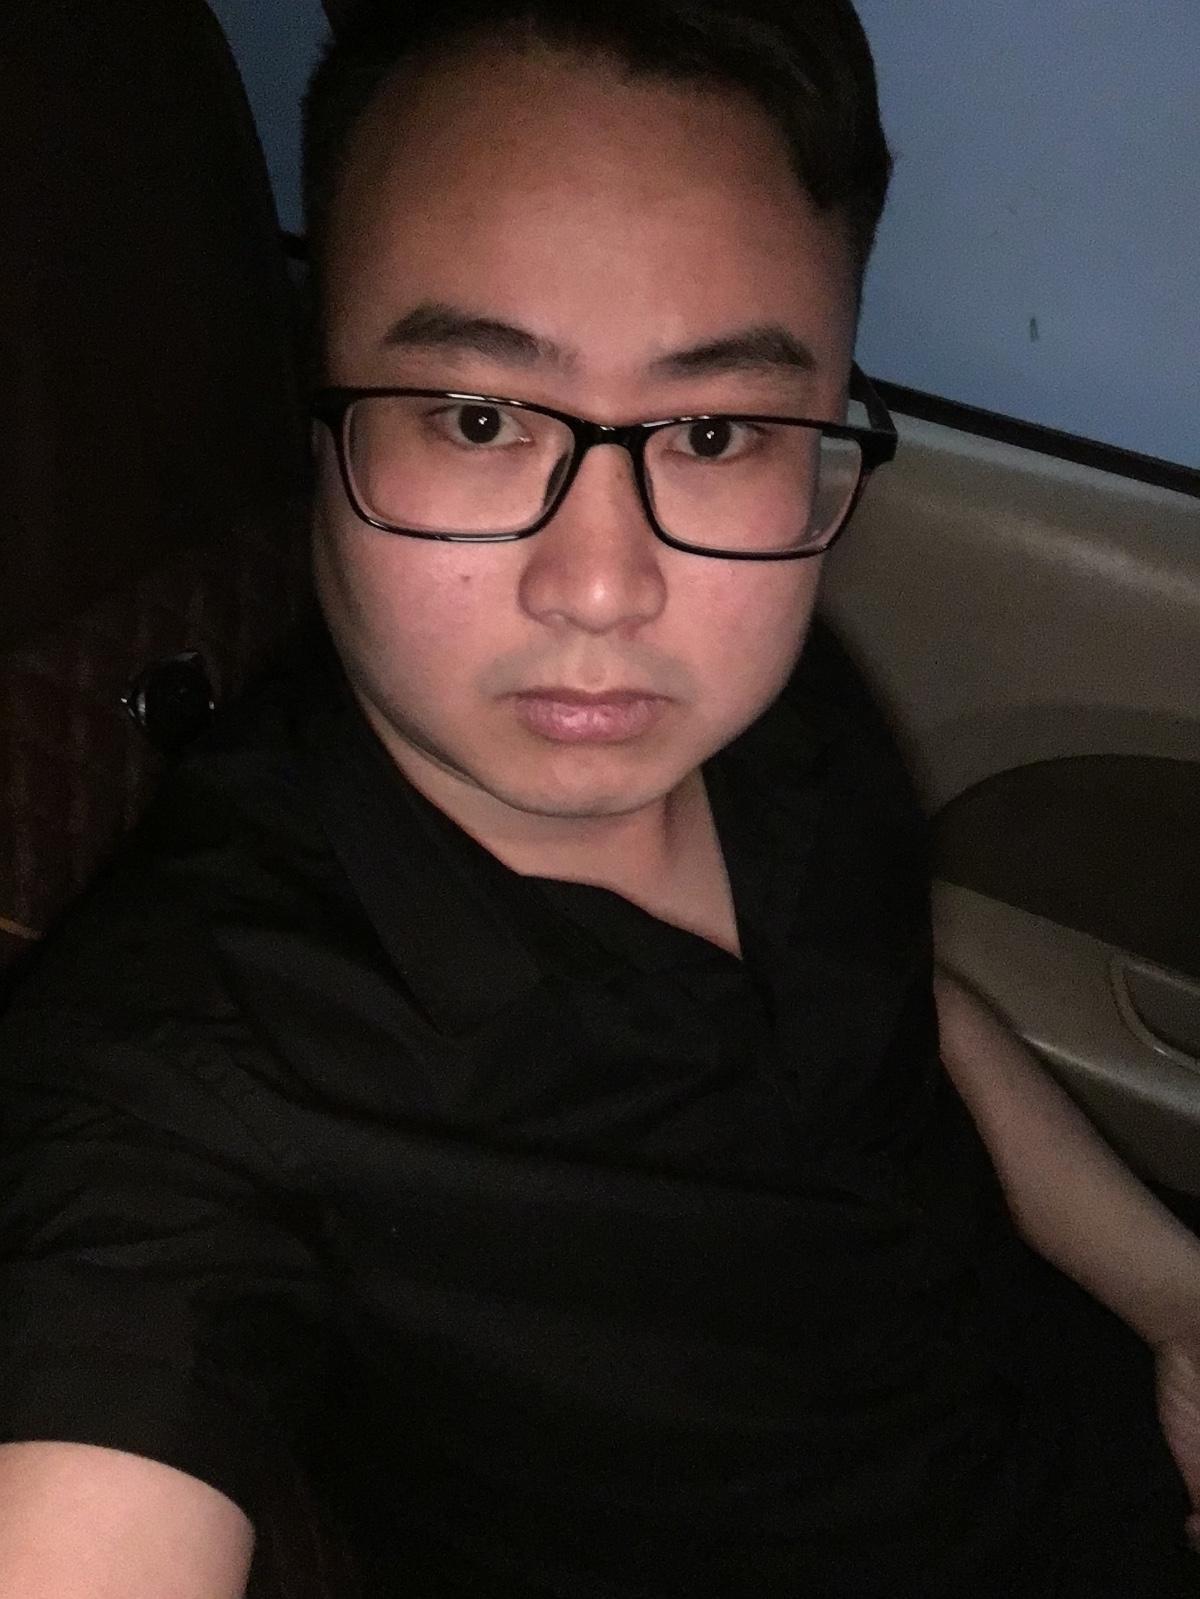 张先生头像